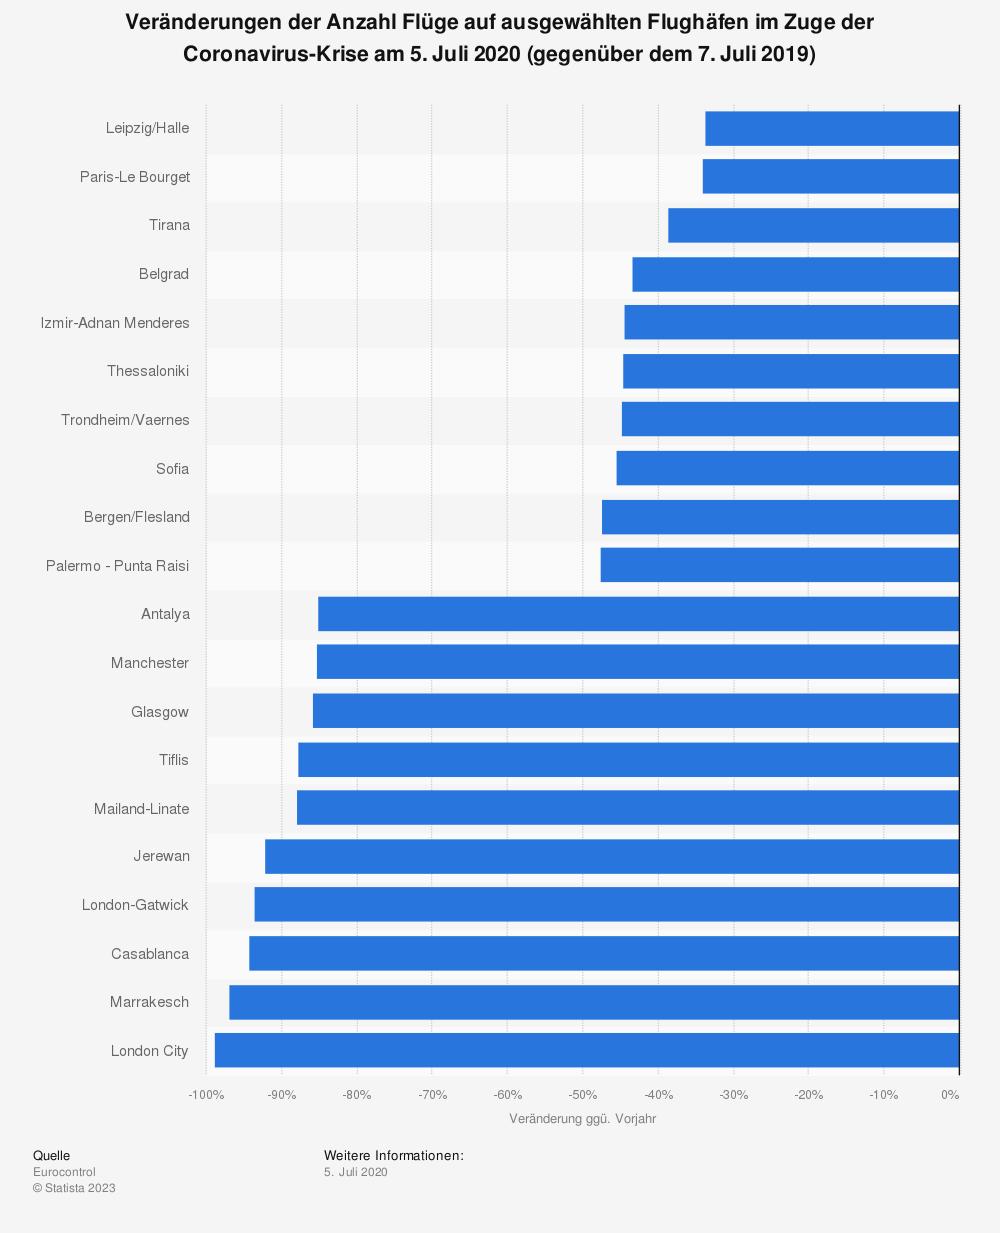 Statistik: Veränderungen der Anzahl Flüge auf ausgewählten Flughäfen im Zuge der Coronavirus-Krise am 5. Juli 2020 (gegenüber dem 7. Juli 2019) | Statista